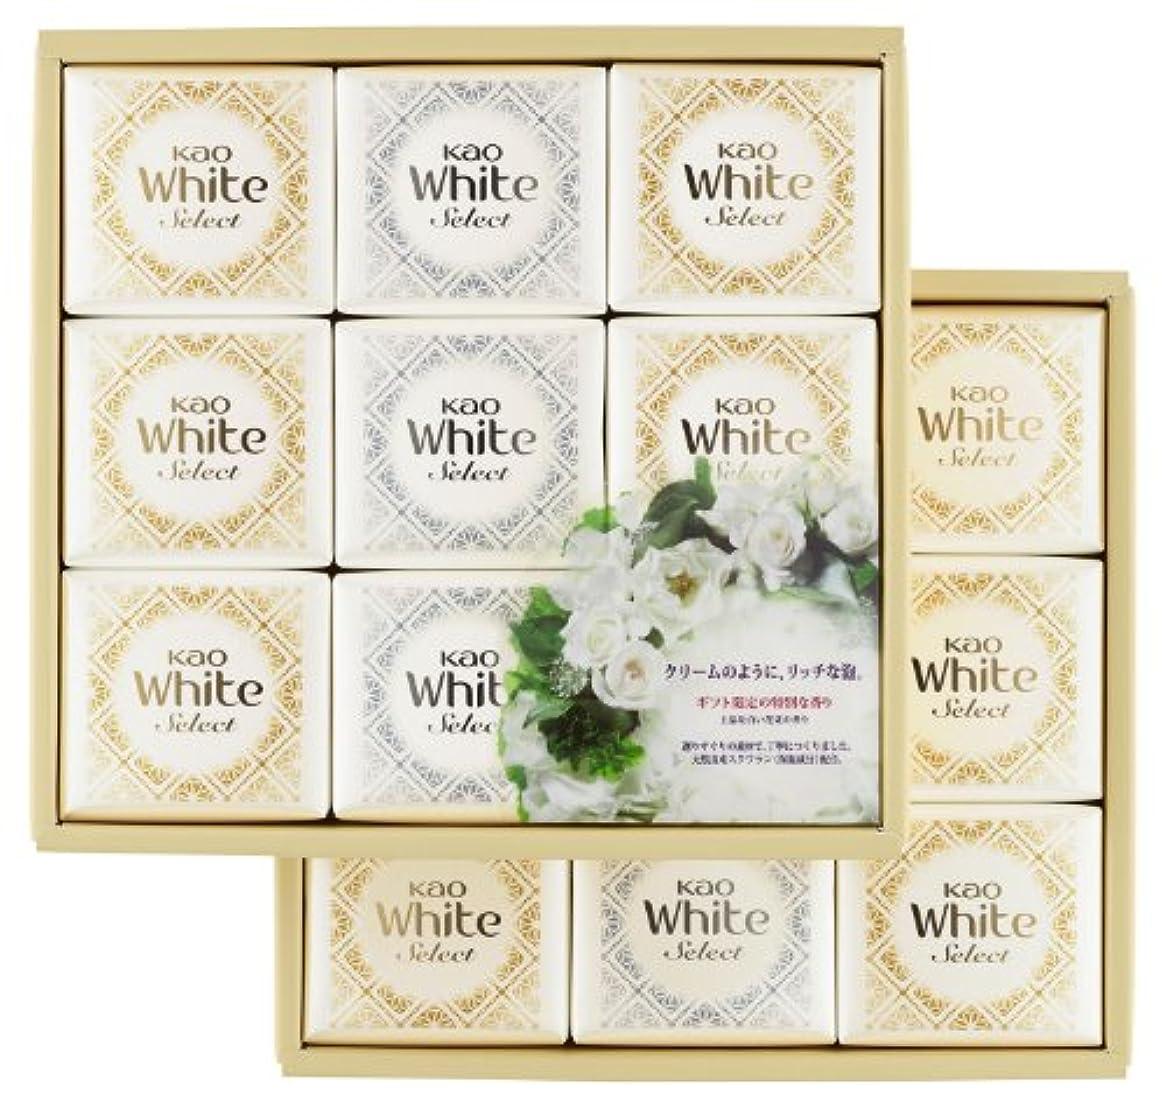 有能な応用ぴかぴか花王ホワイト セレクト 上品な白い花束の香り 85g 18コ K?WS-30